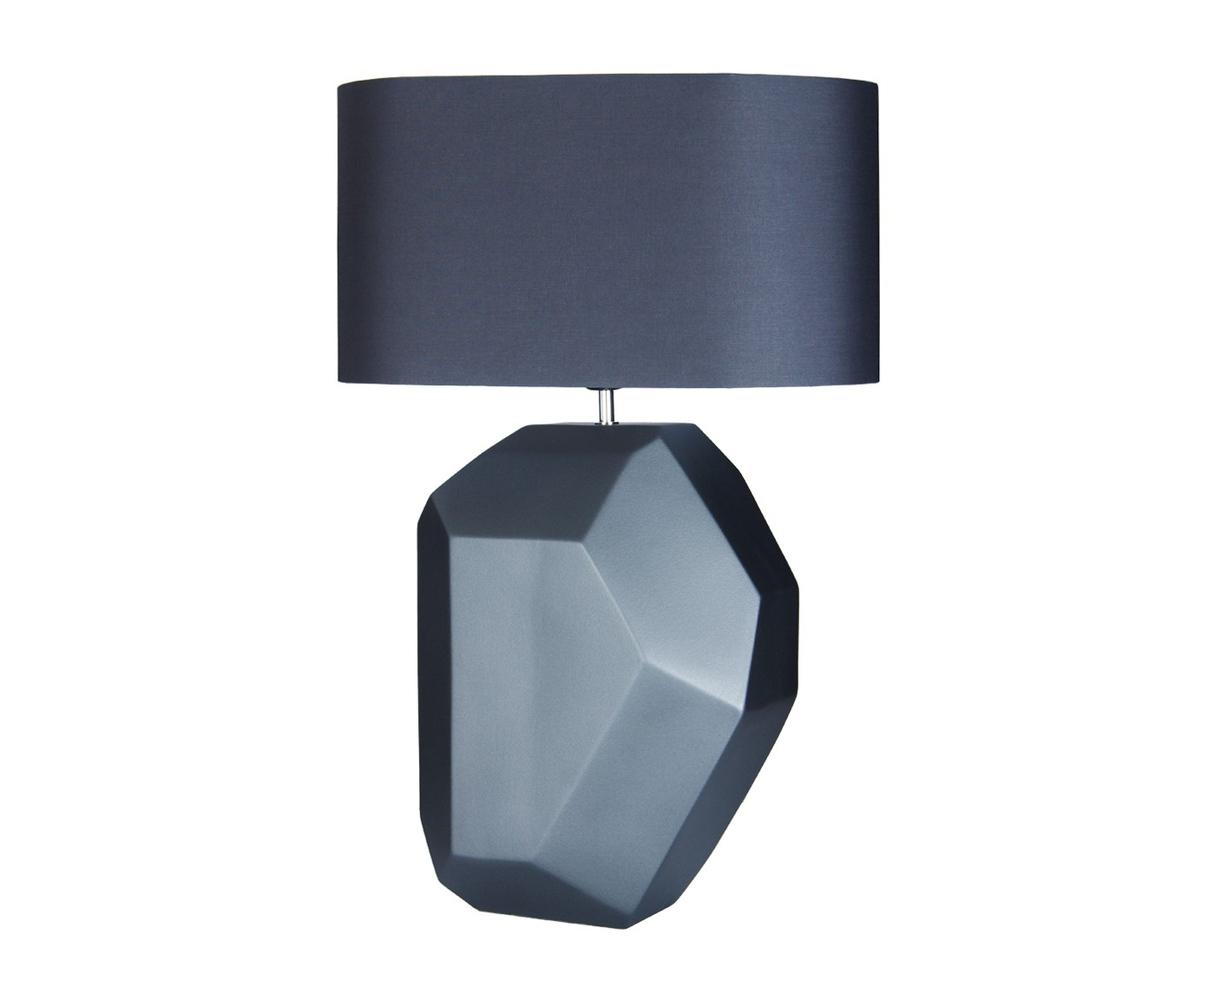 Купить Настольная лампа темно-серого цвета, inmyroom, Португалия